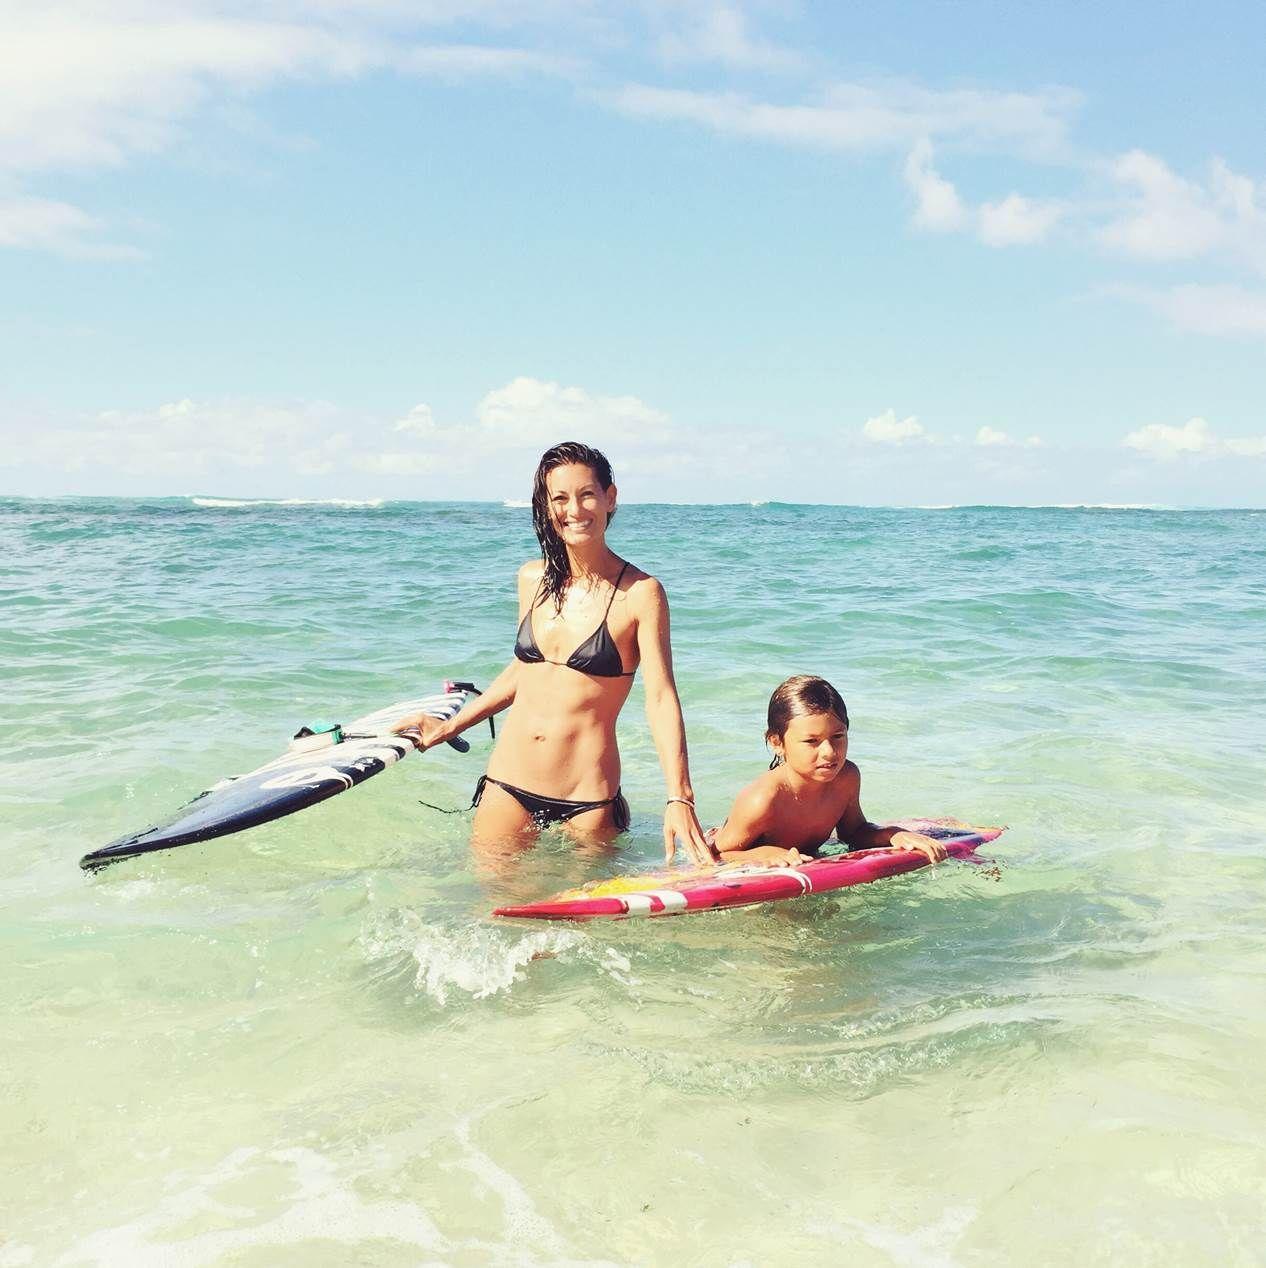 swimsuit Malia Jones surfing naked photo 2017